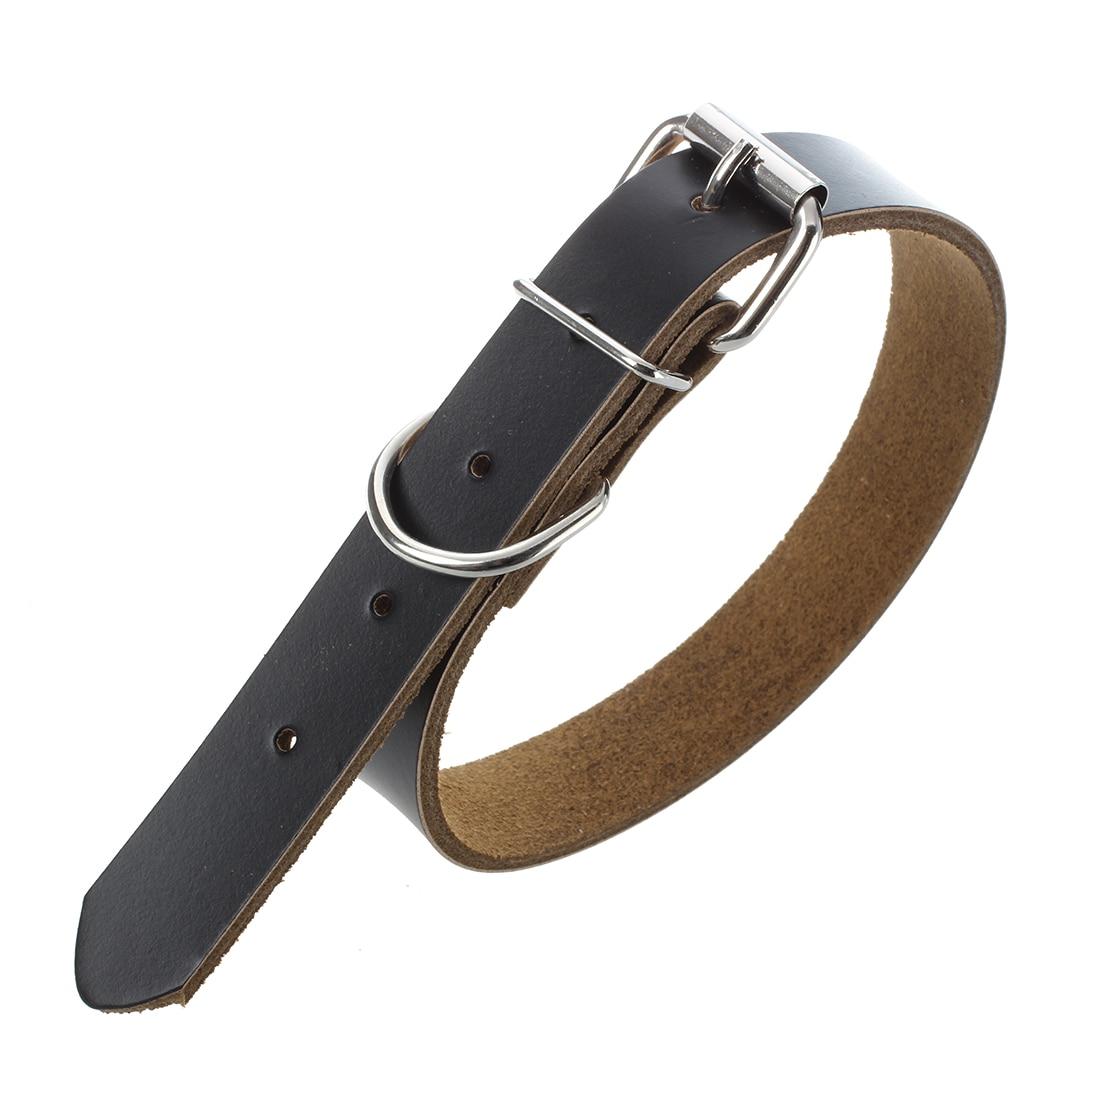 Hot Sale Adjustable Black Leather Collar for Dog - Size L